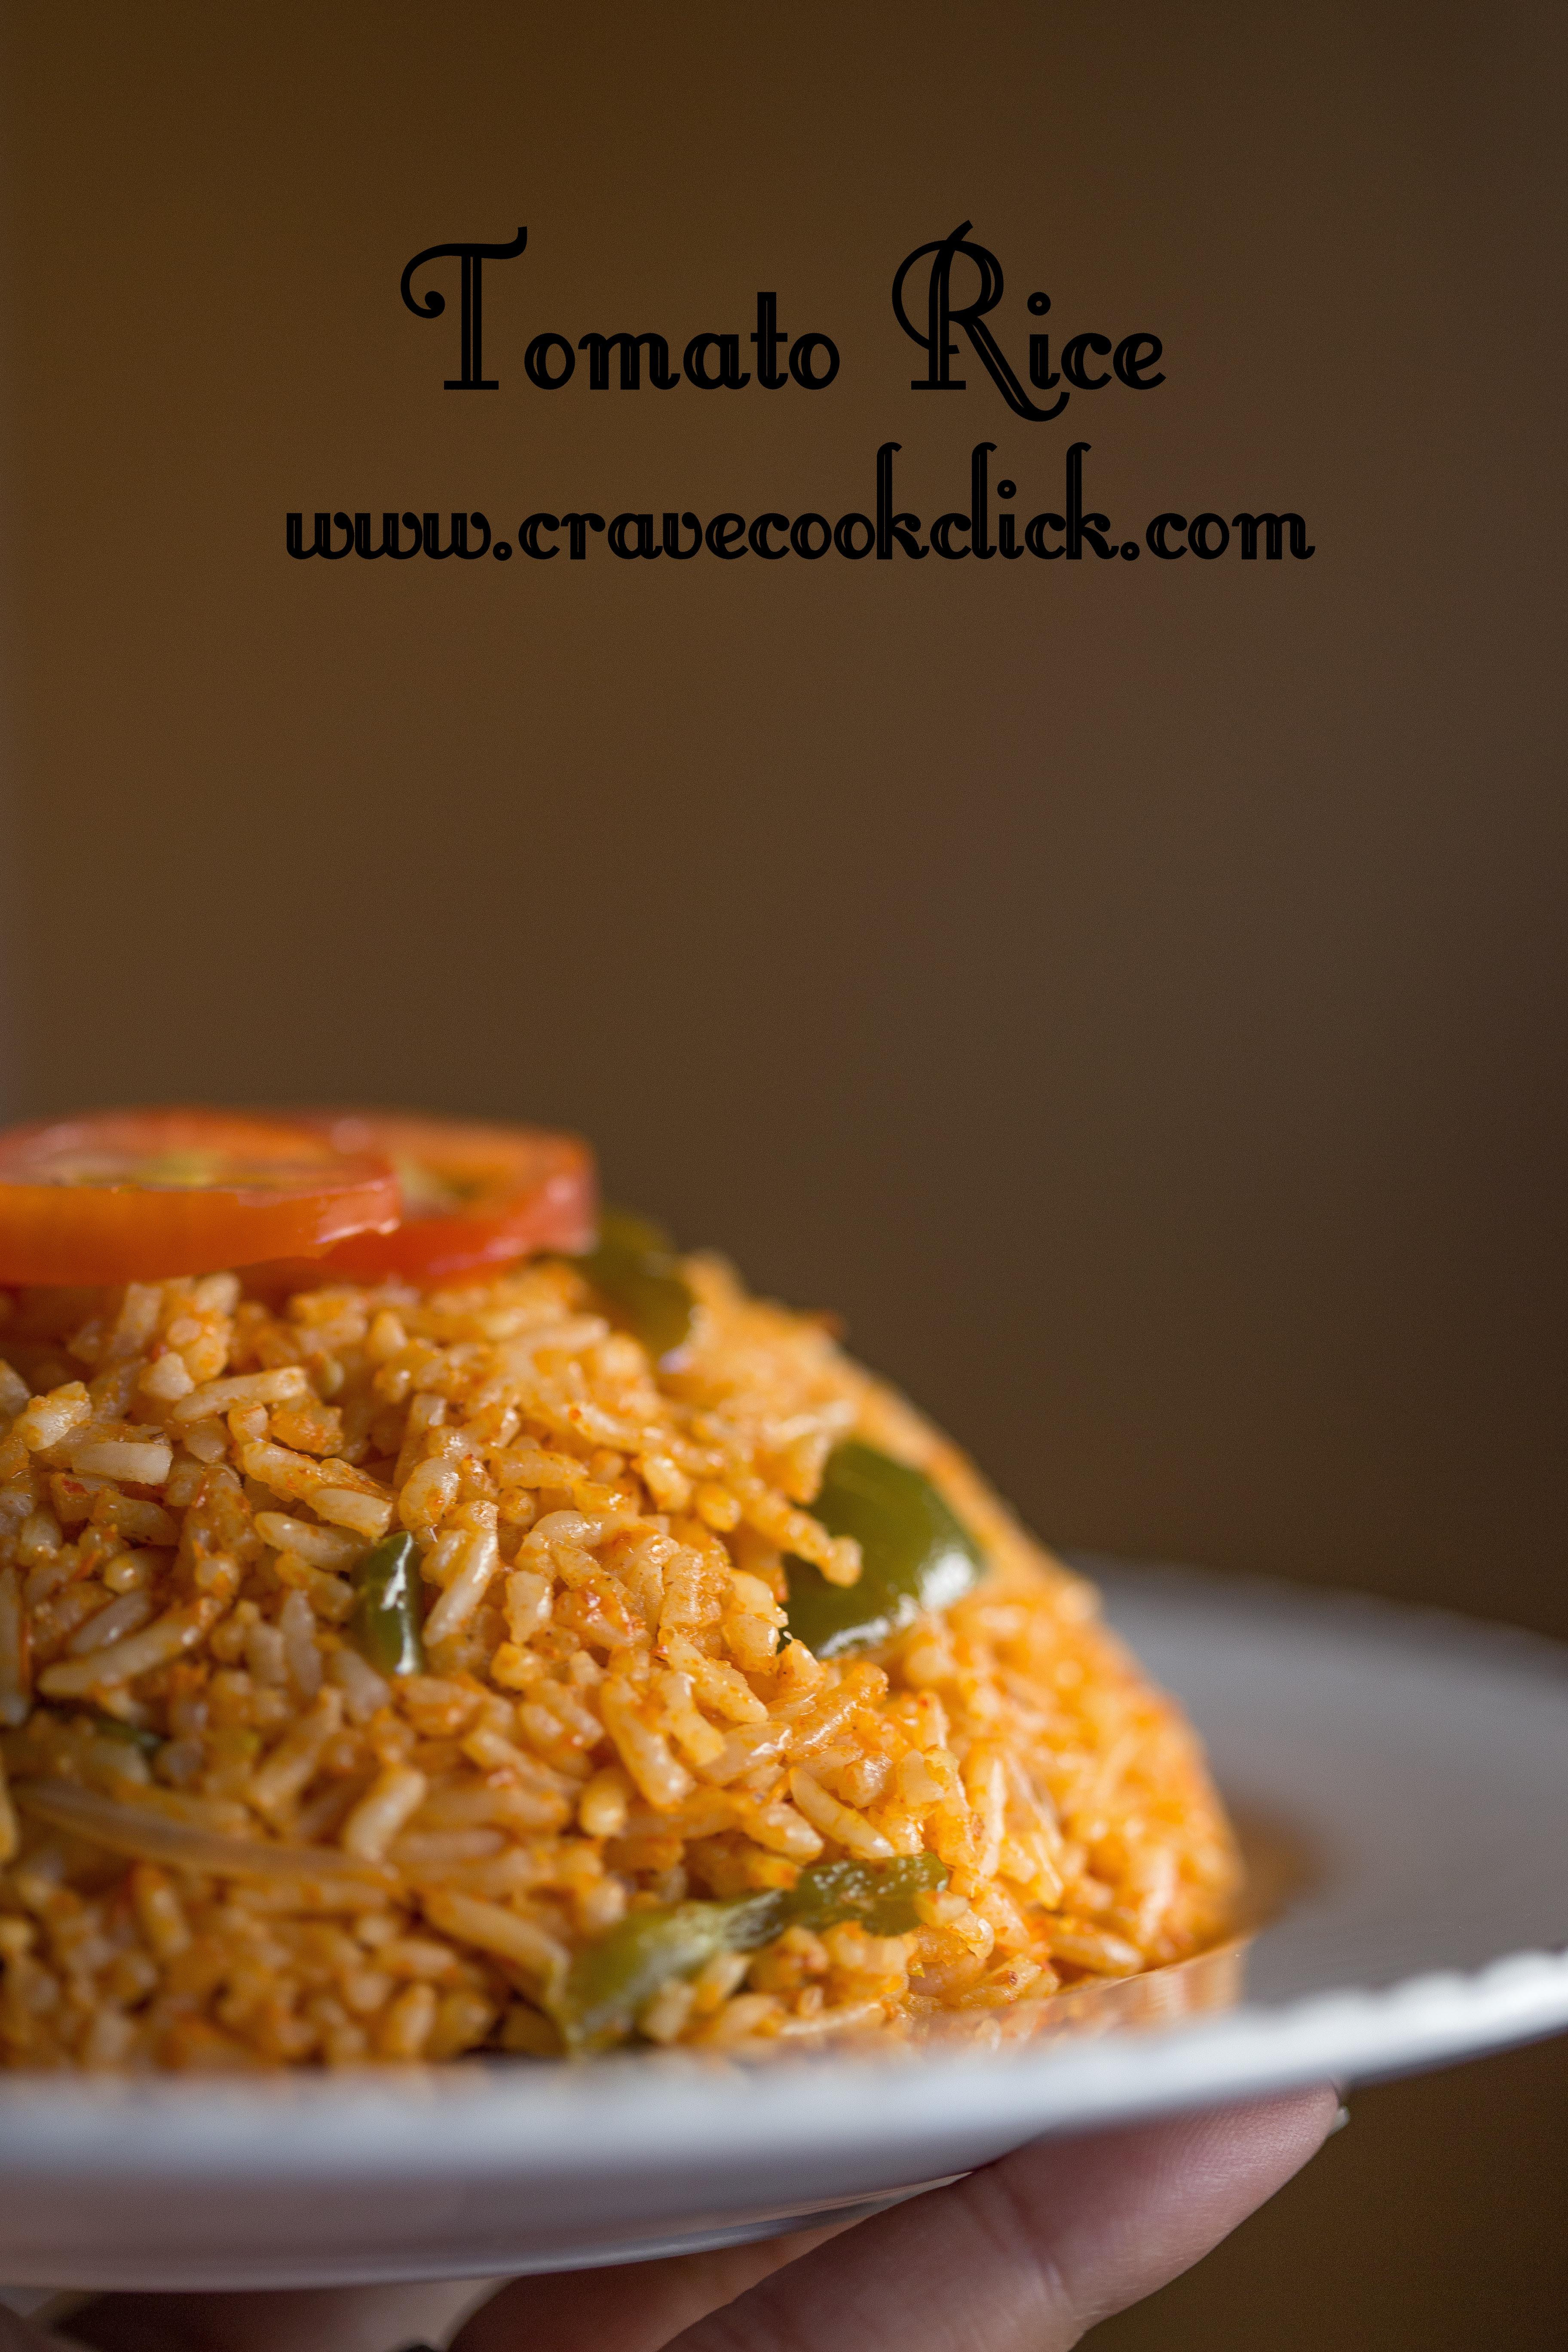 tomato rice recipe, how to make tomato rice, thakkali sadam recipe